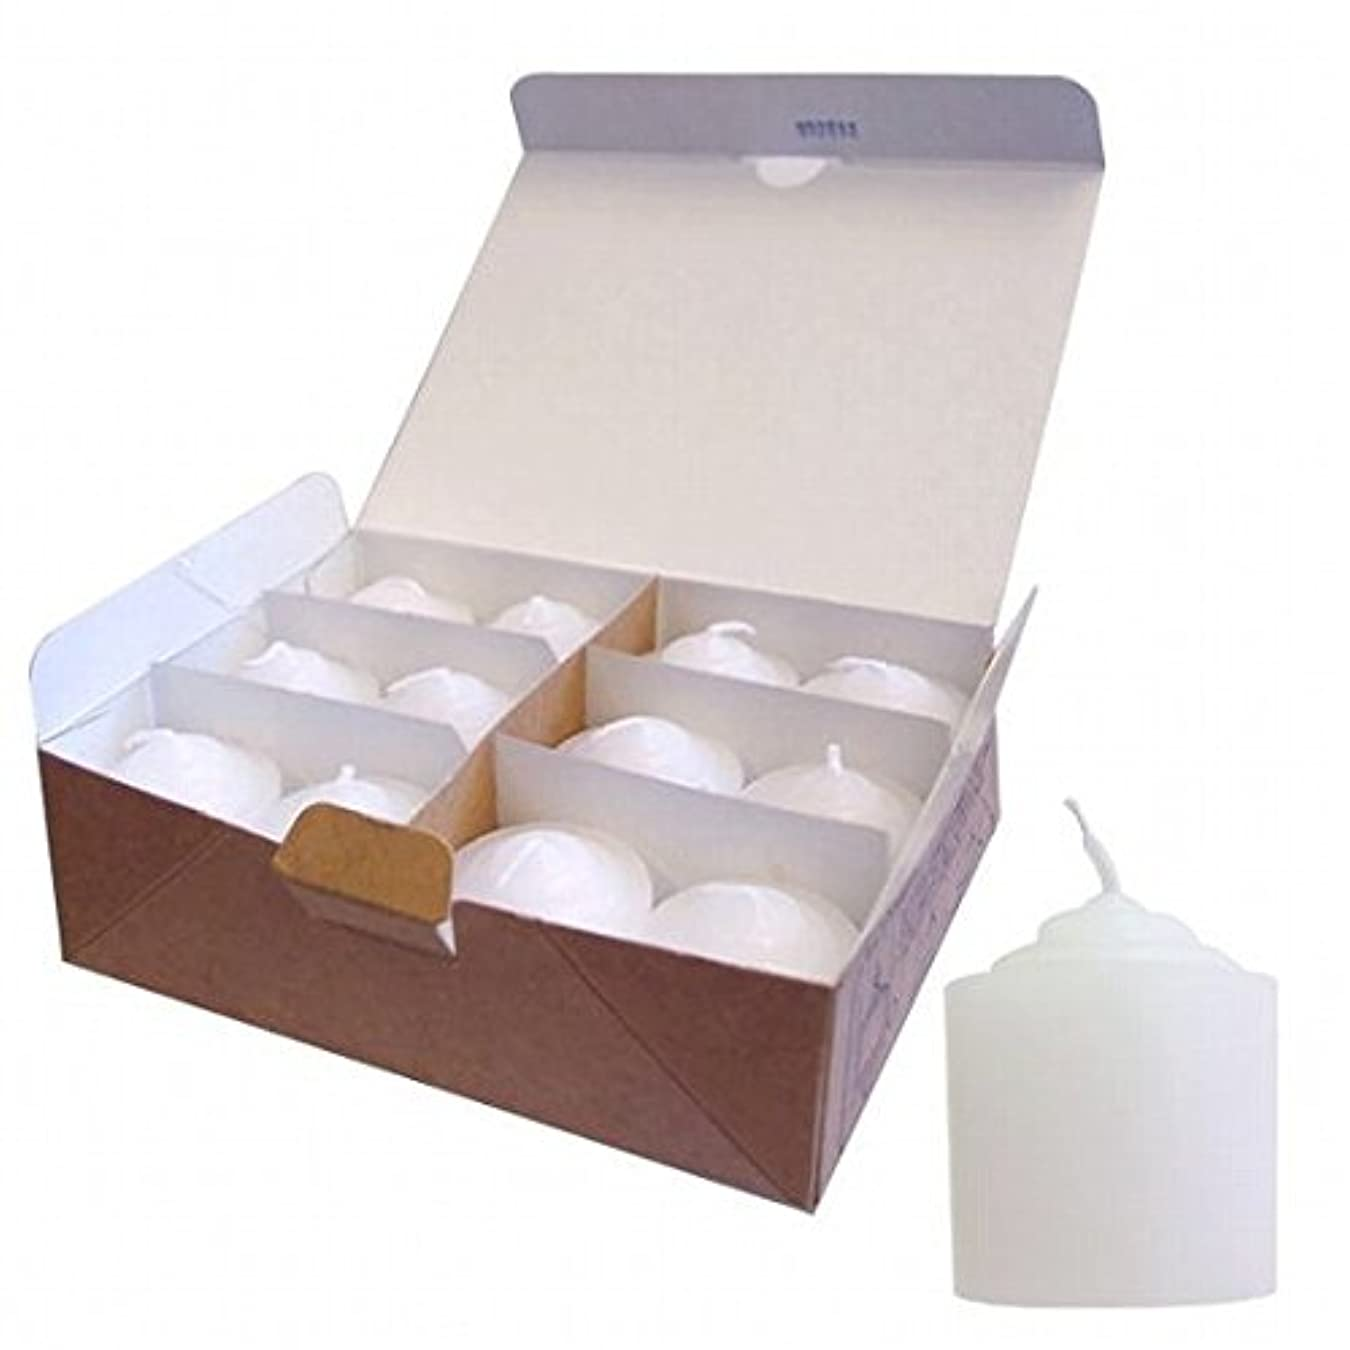 ラックポール冷凍庫kameyama candle(カメヤマキャンドル) 8Hライト(8時間タイプ)12個入り(77960088)